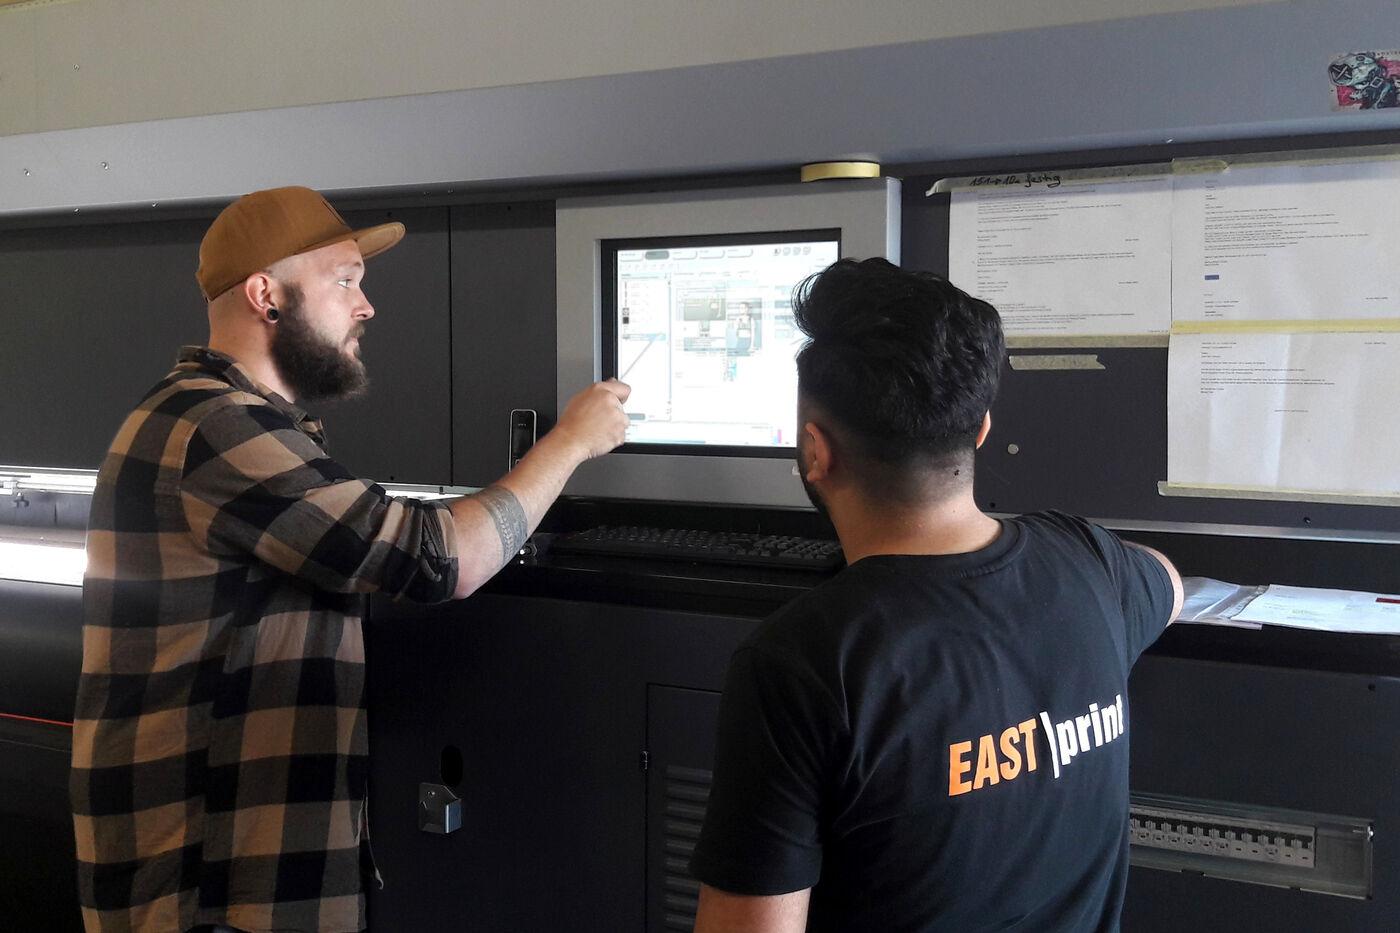 Ausbildung Medientechnologe Druck (m / w / d) - Job Dresden - Karriere bei EAST|print - Application form